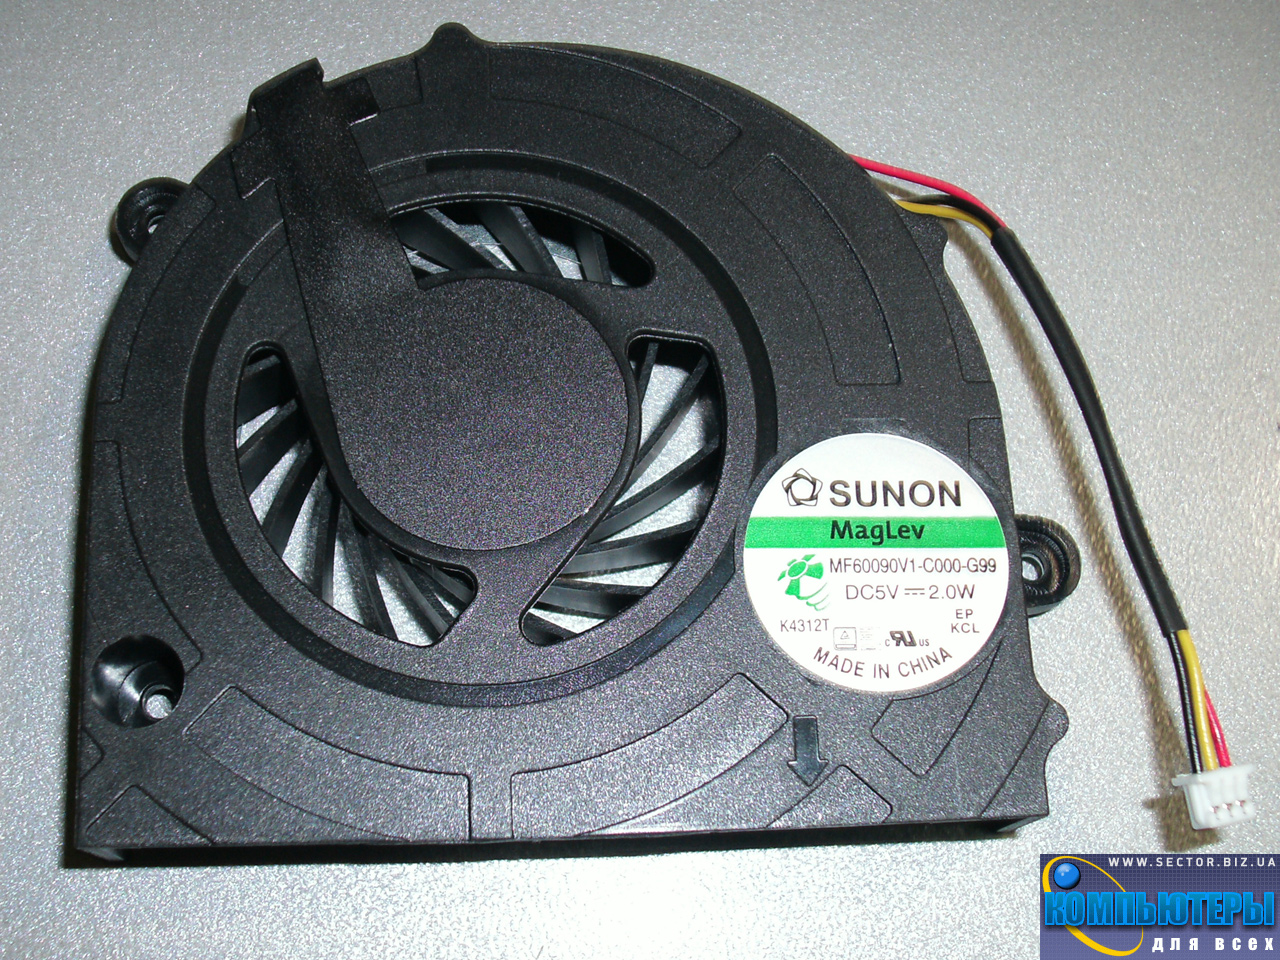 Кулер к ноутбуку Lenovo G450 G455 G550 G550M G555 B550 L3000 G450A G450M p/n: MF60090V1-C000-G99. Фото № 3.